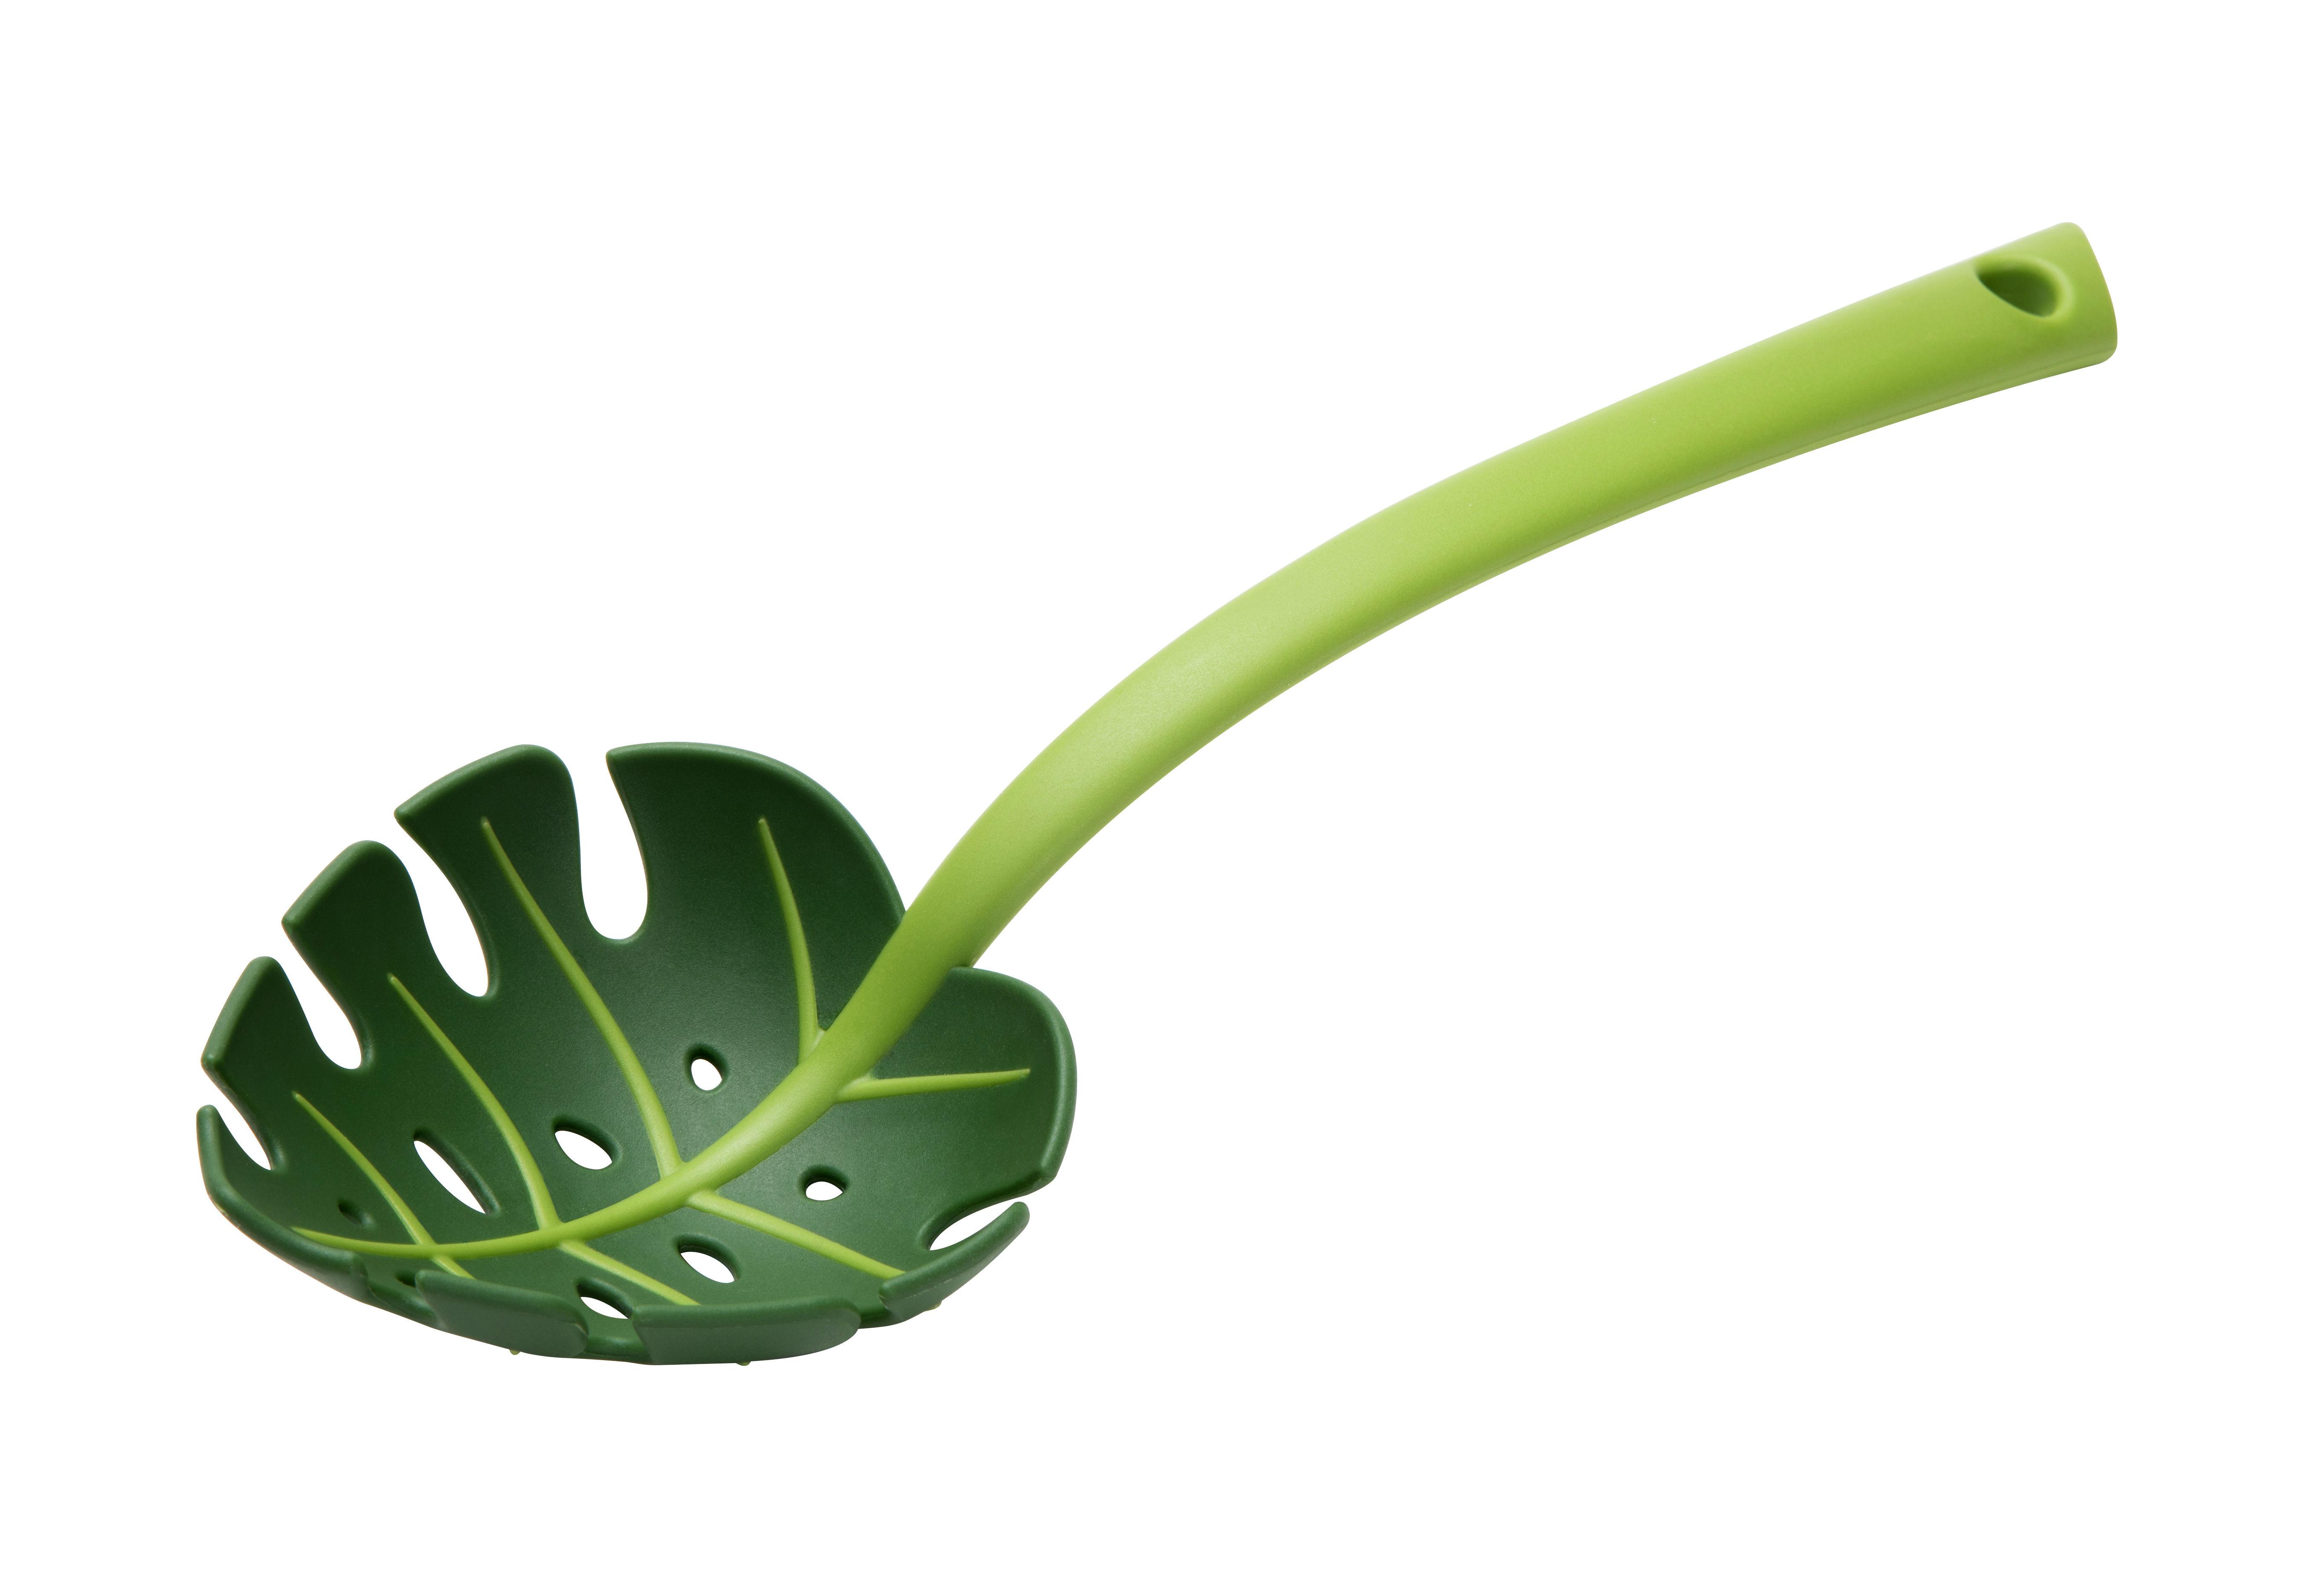 Küche - Küchenutensilien - Jungle spoon Schaumlöffel - Pa Design - Grün - Nylon